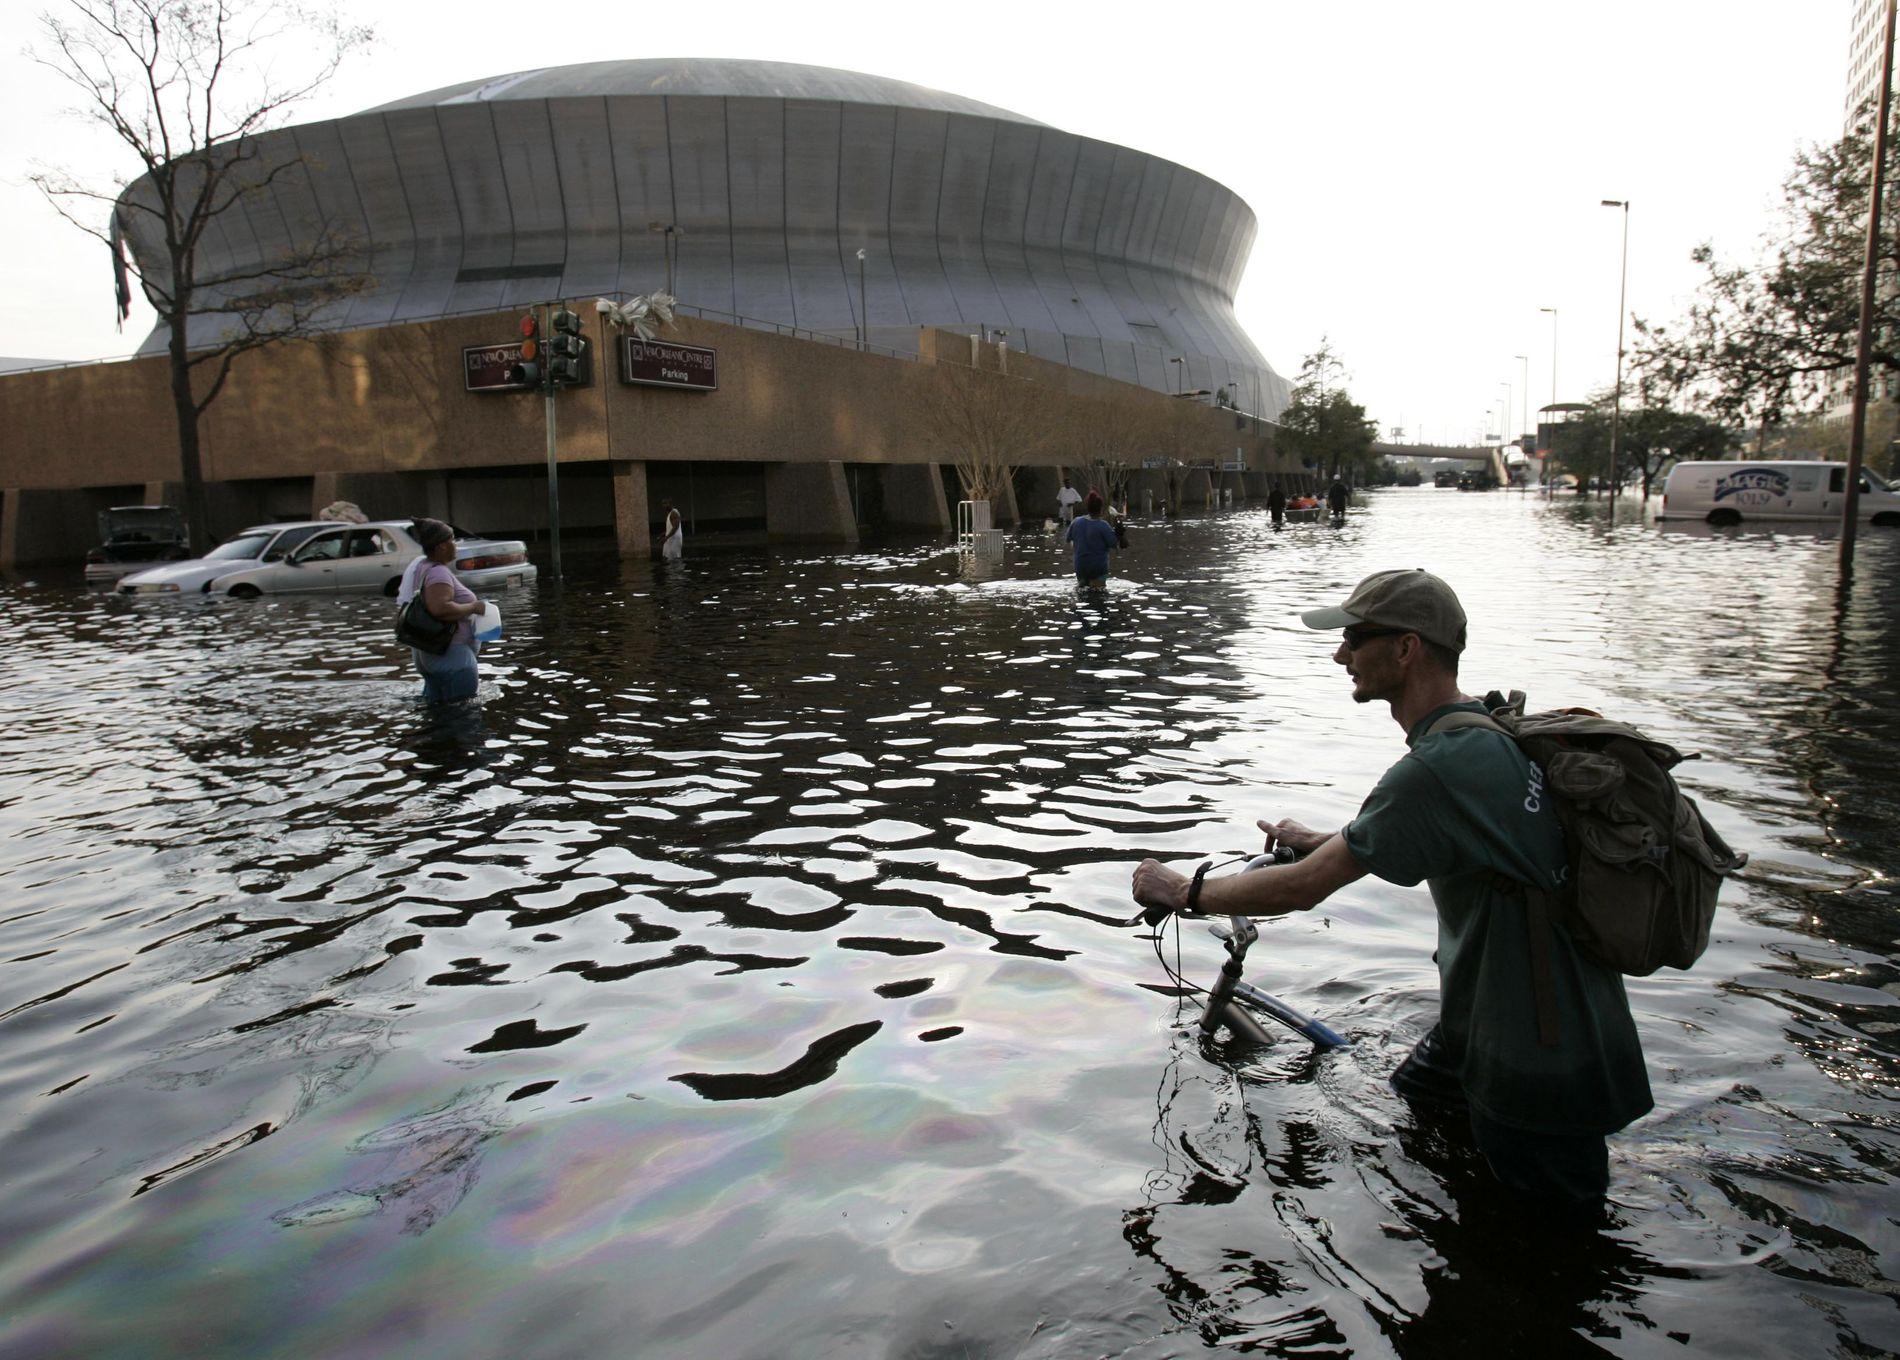 KATRINA-OFFER: New Orleans var ett av områdene som ble hardt rammet av Katrina i 2005. Brudd i dikene gjorde at byen ble oversvømt. Området var lenge et katastrofeområde.